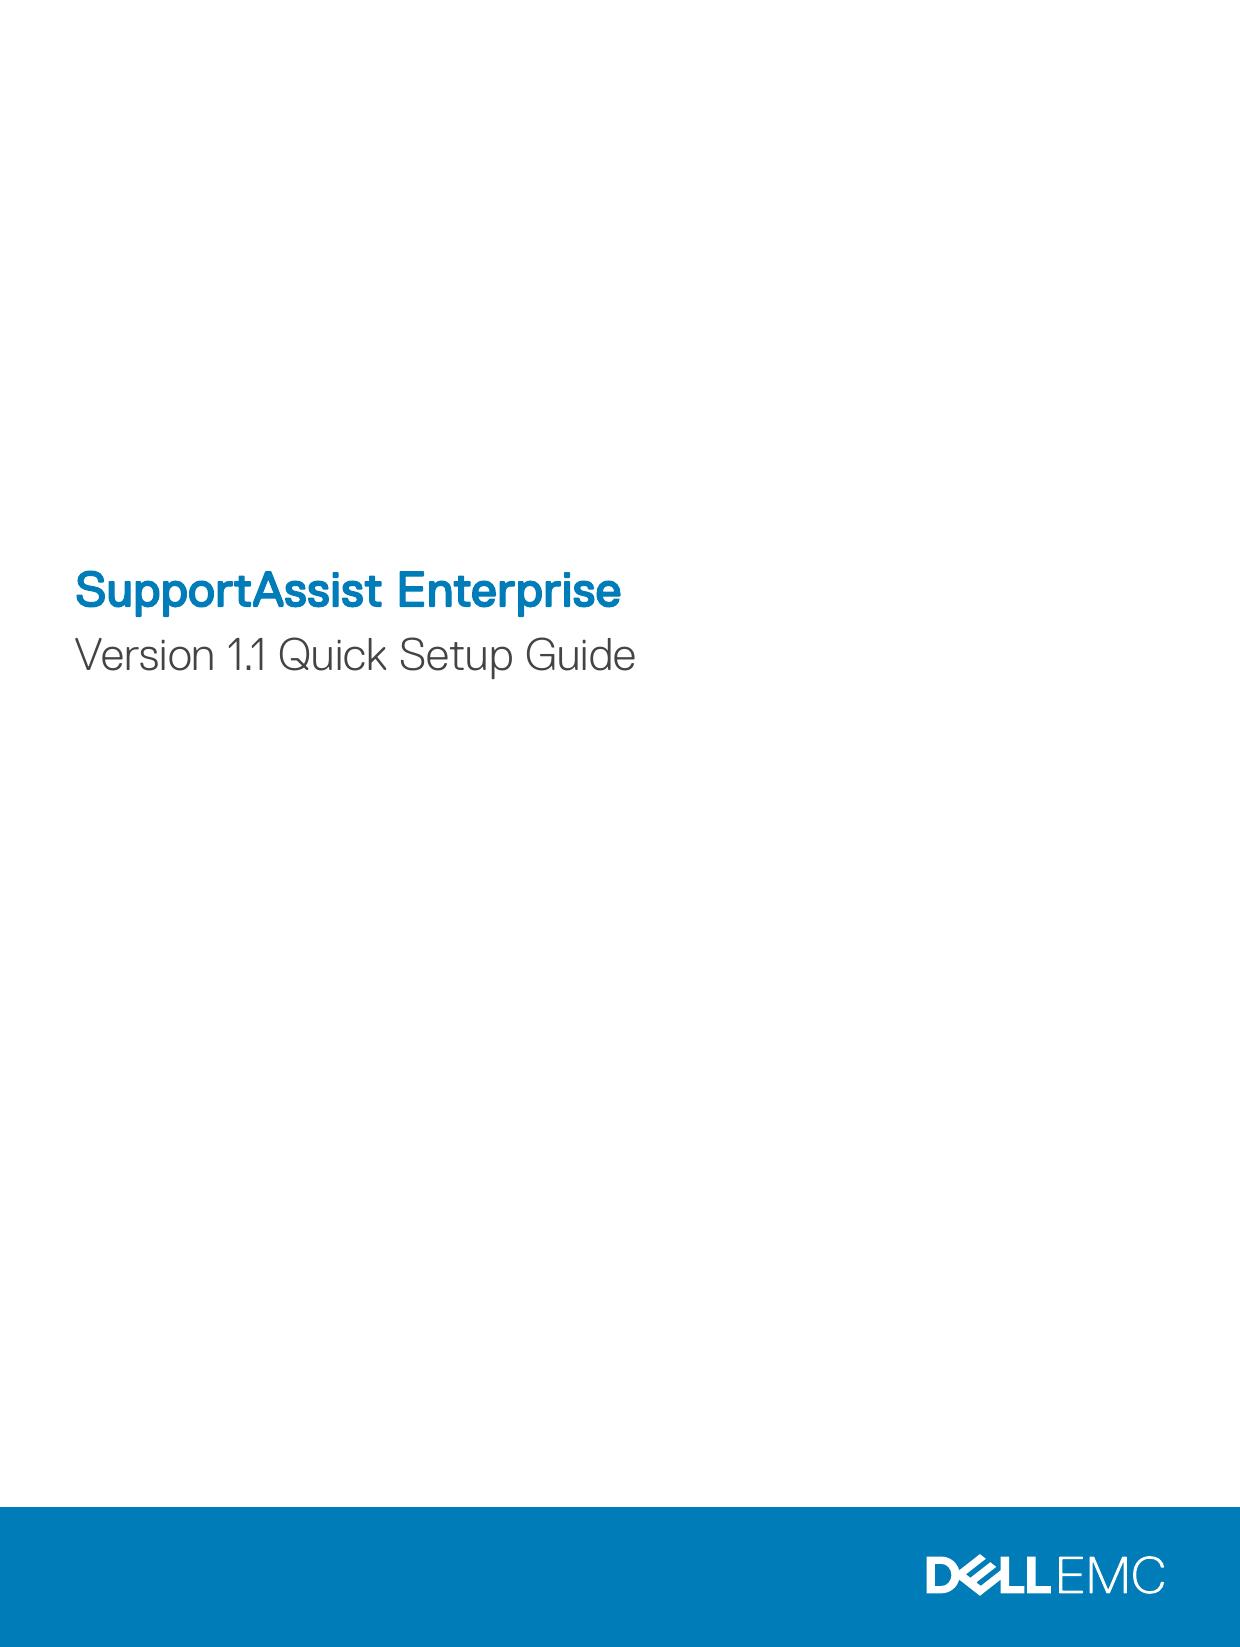 SupportAssist Enterprise Version 40.40 Quick Setup Guide   Manualzz